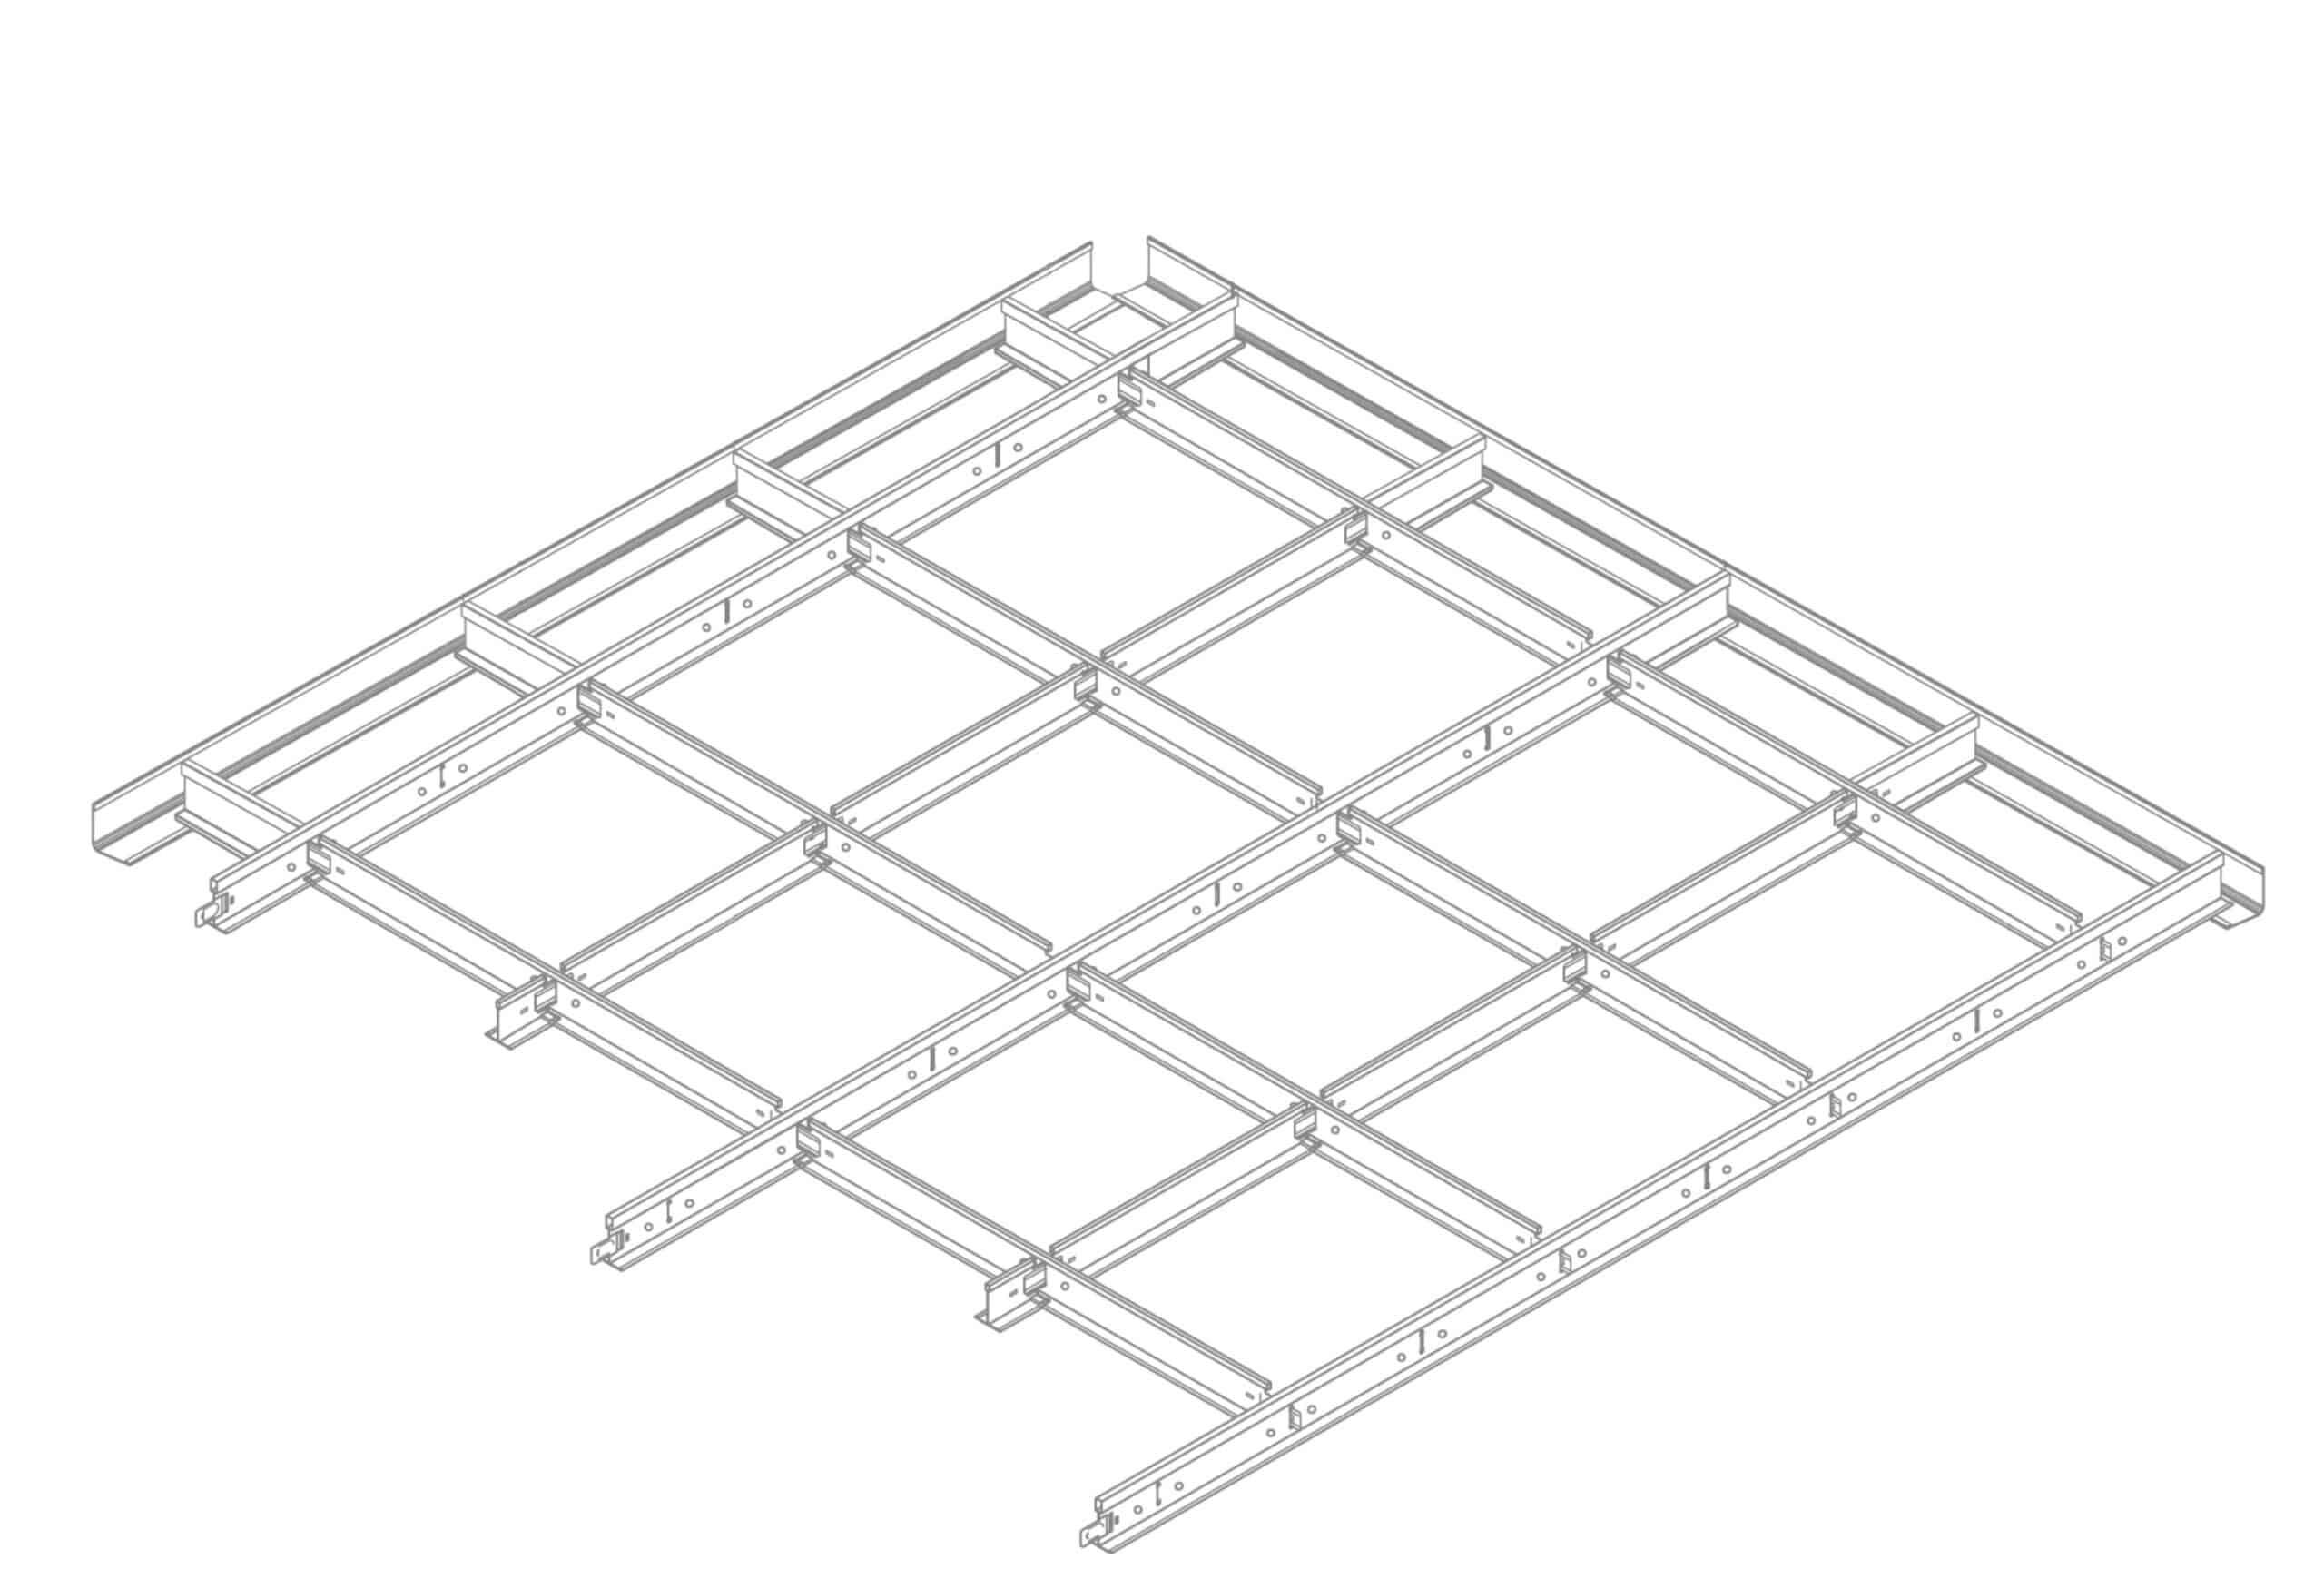 12m2 Suspended Ceiling Gridwork Kit Standard 24mm 600